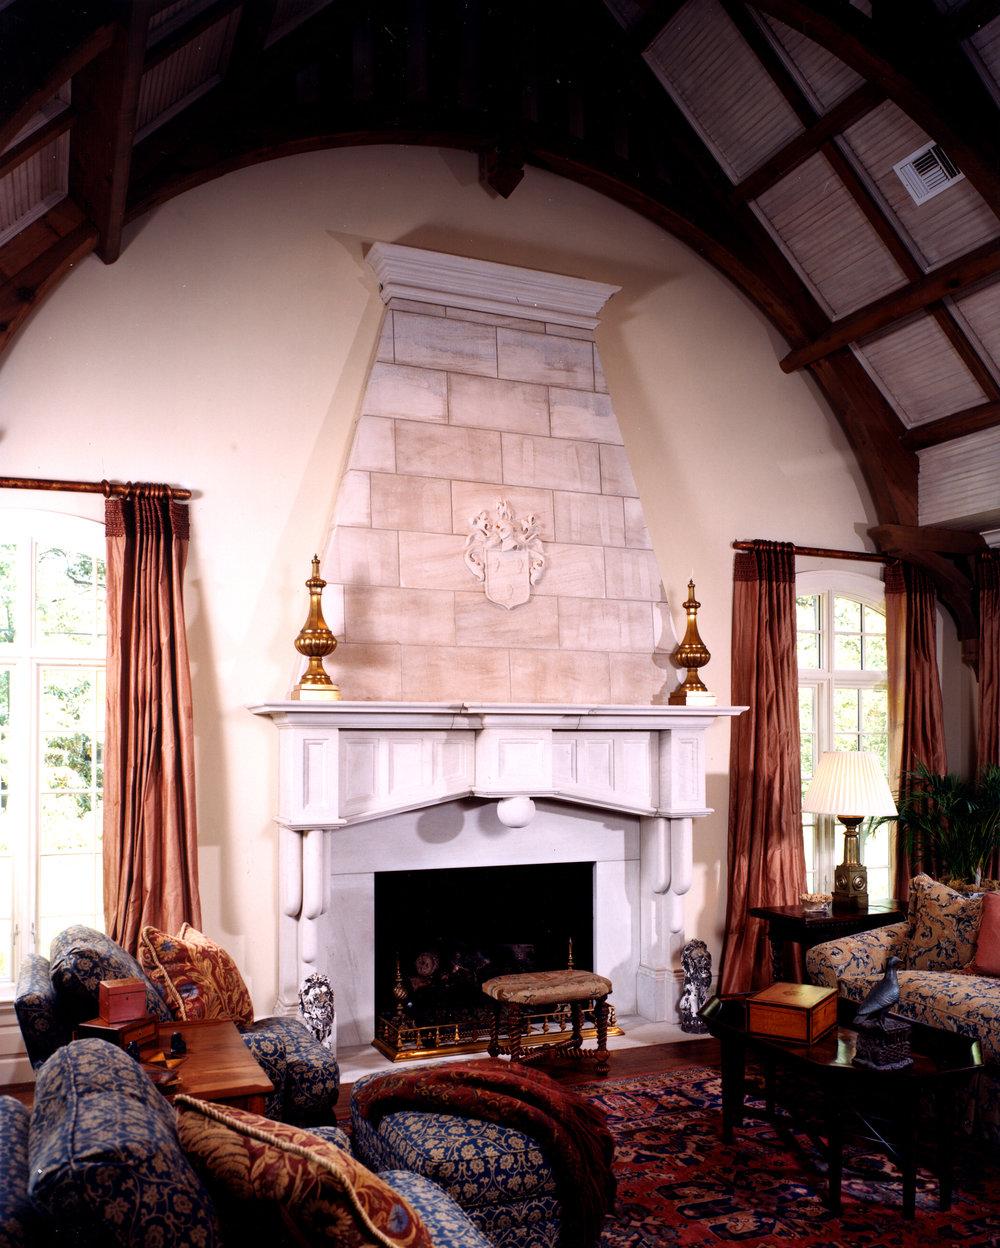 interior fp 1.jpg